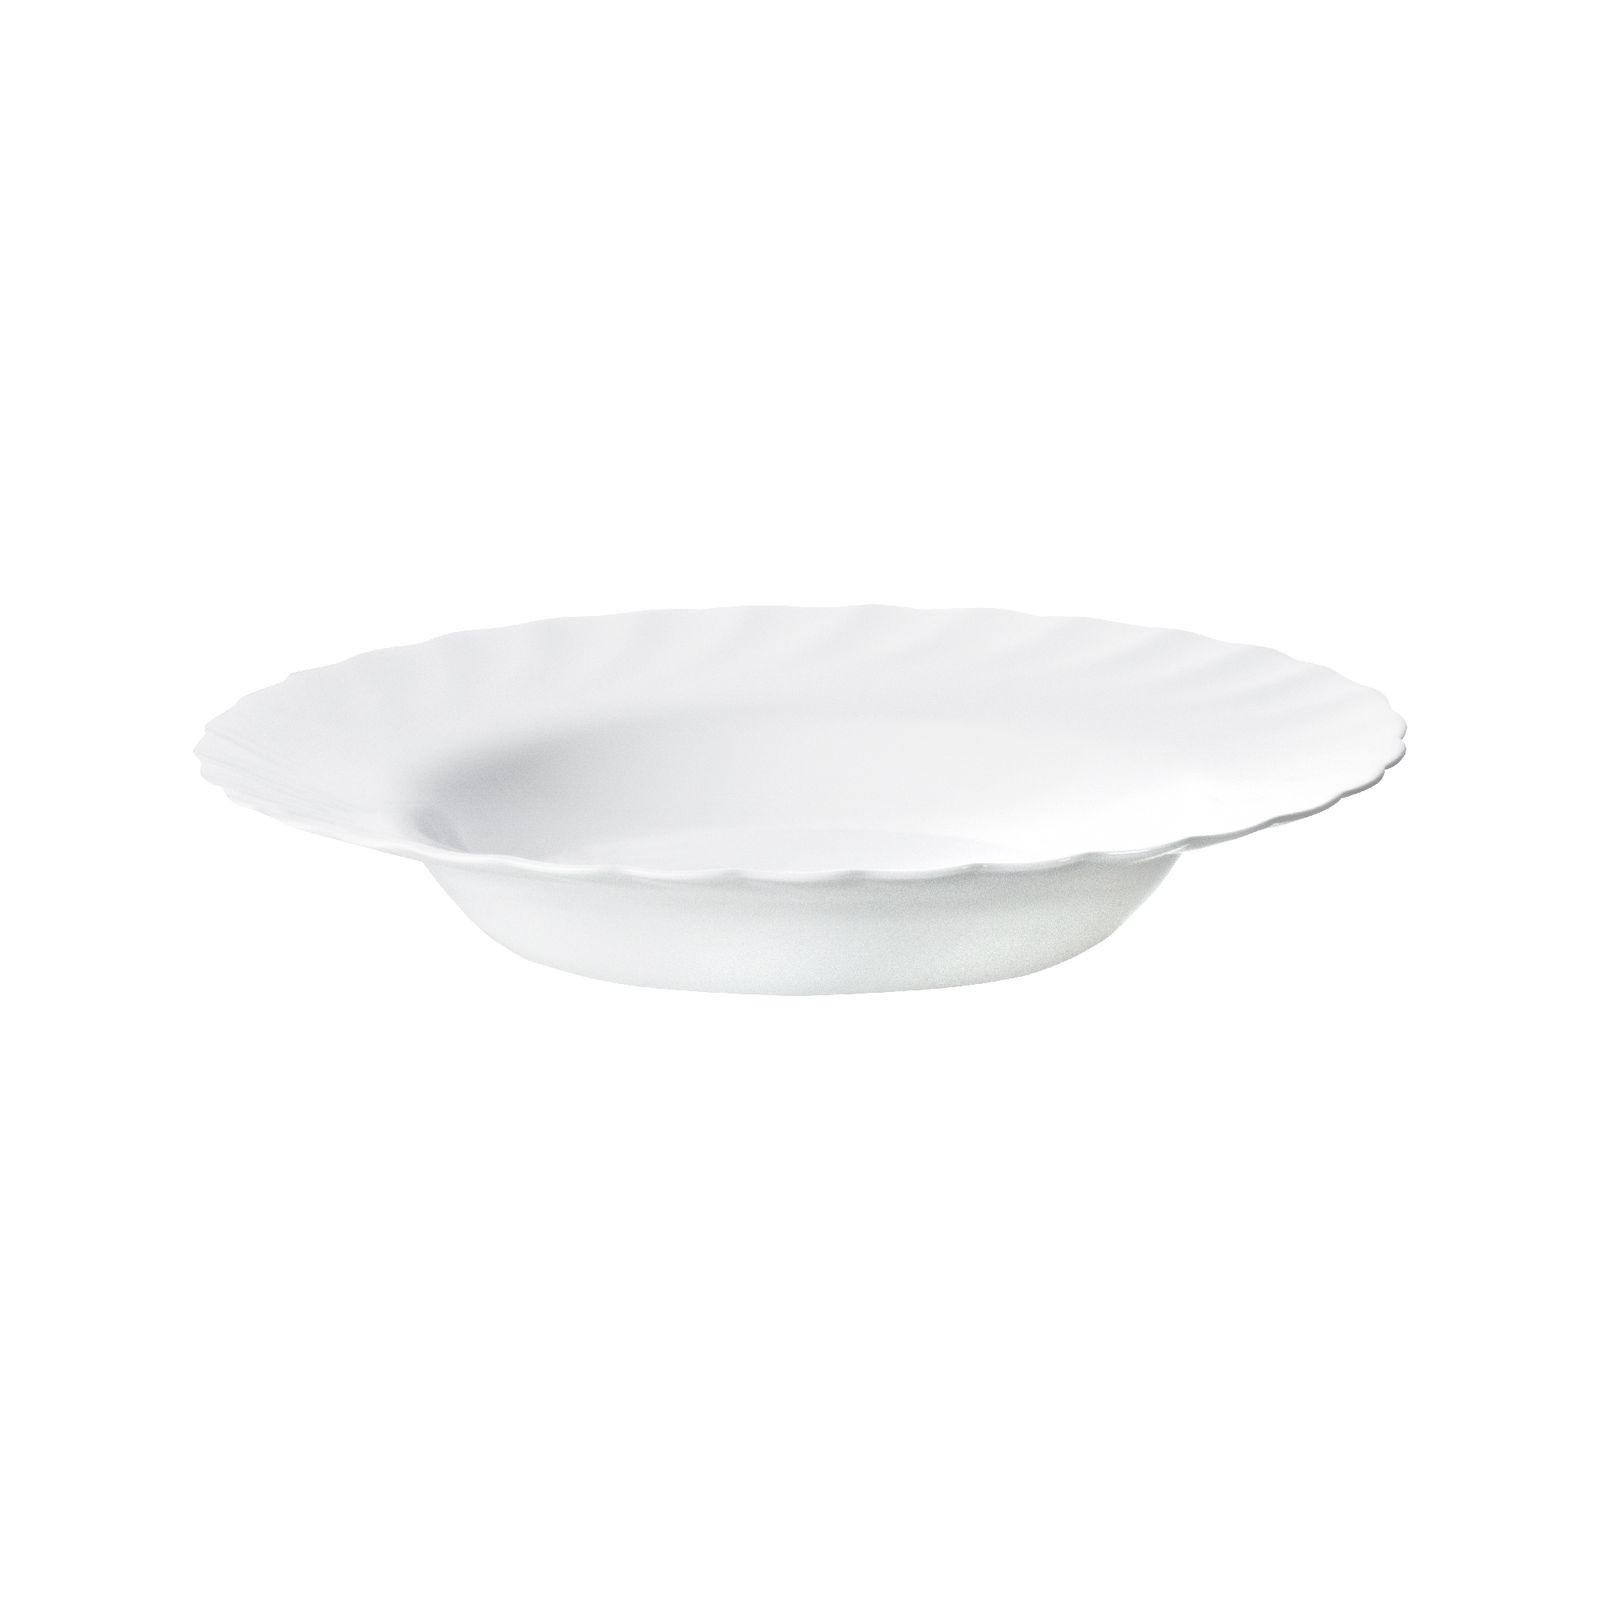 Soup plate Trianon 22,5 cm LUMINARC